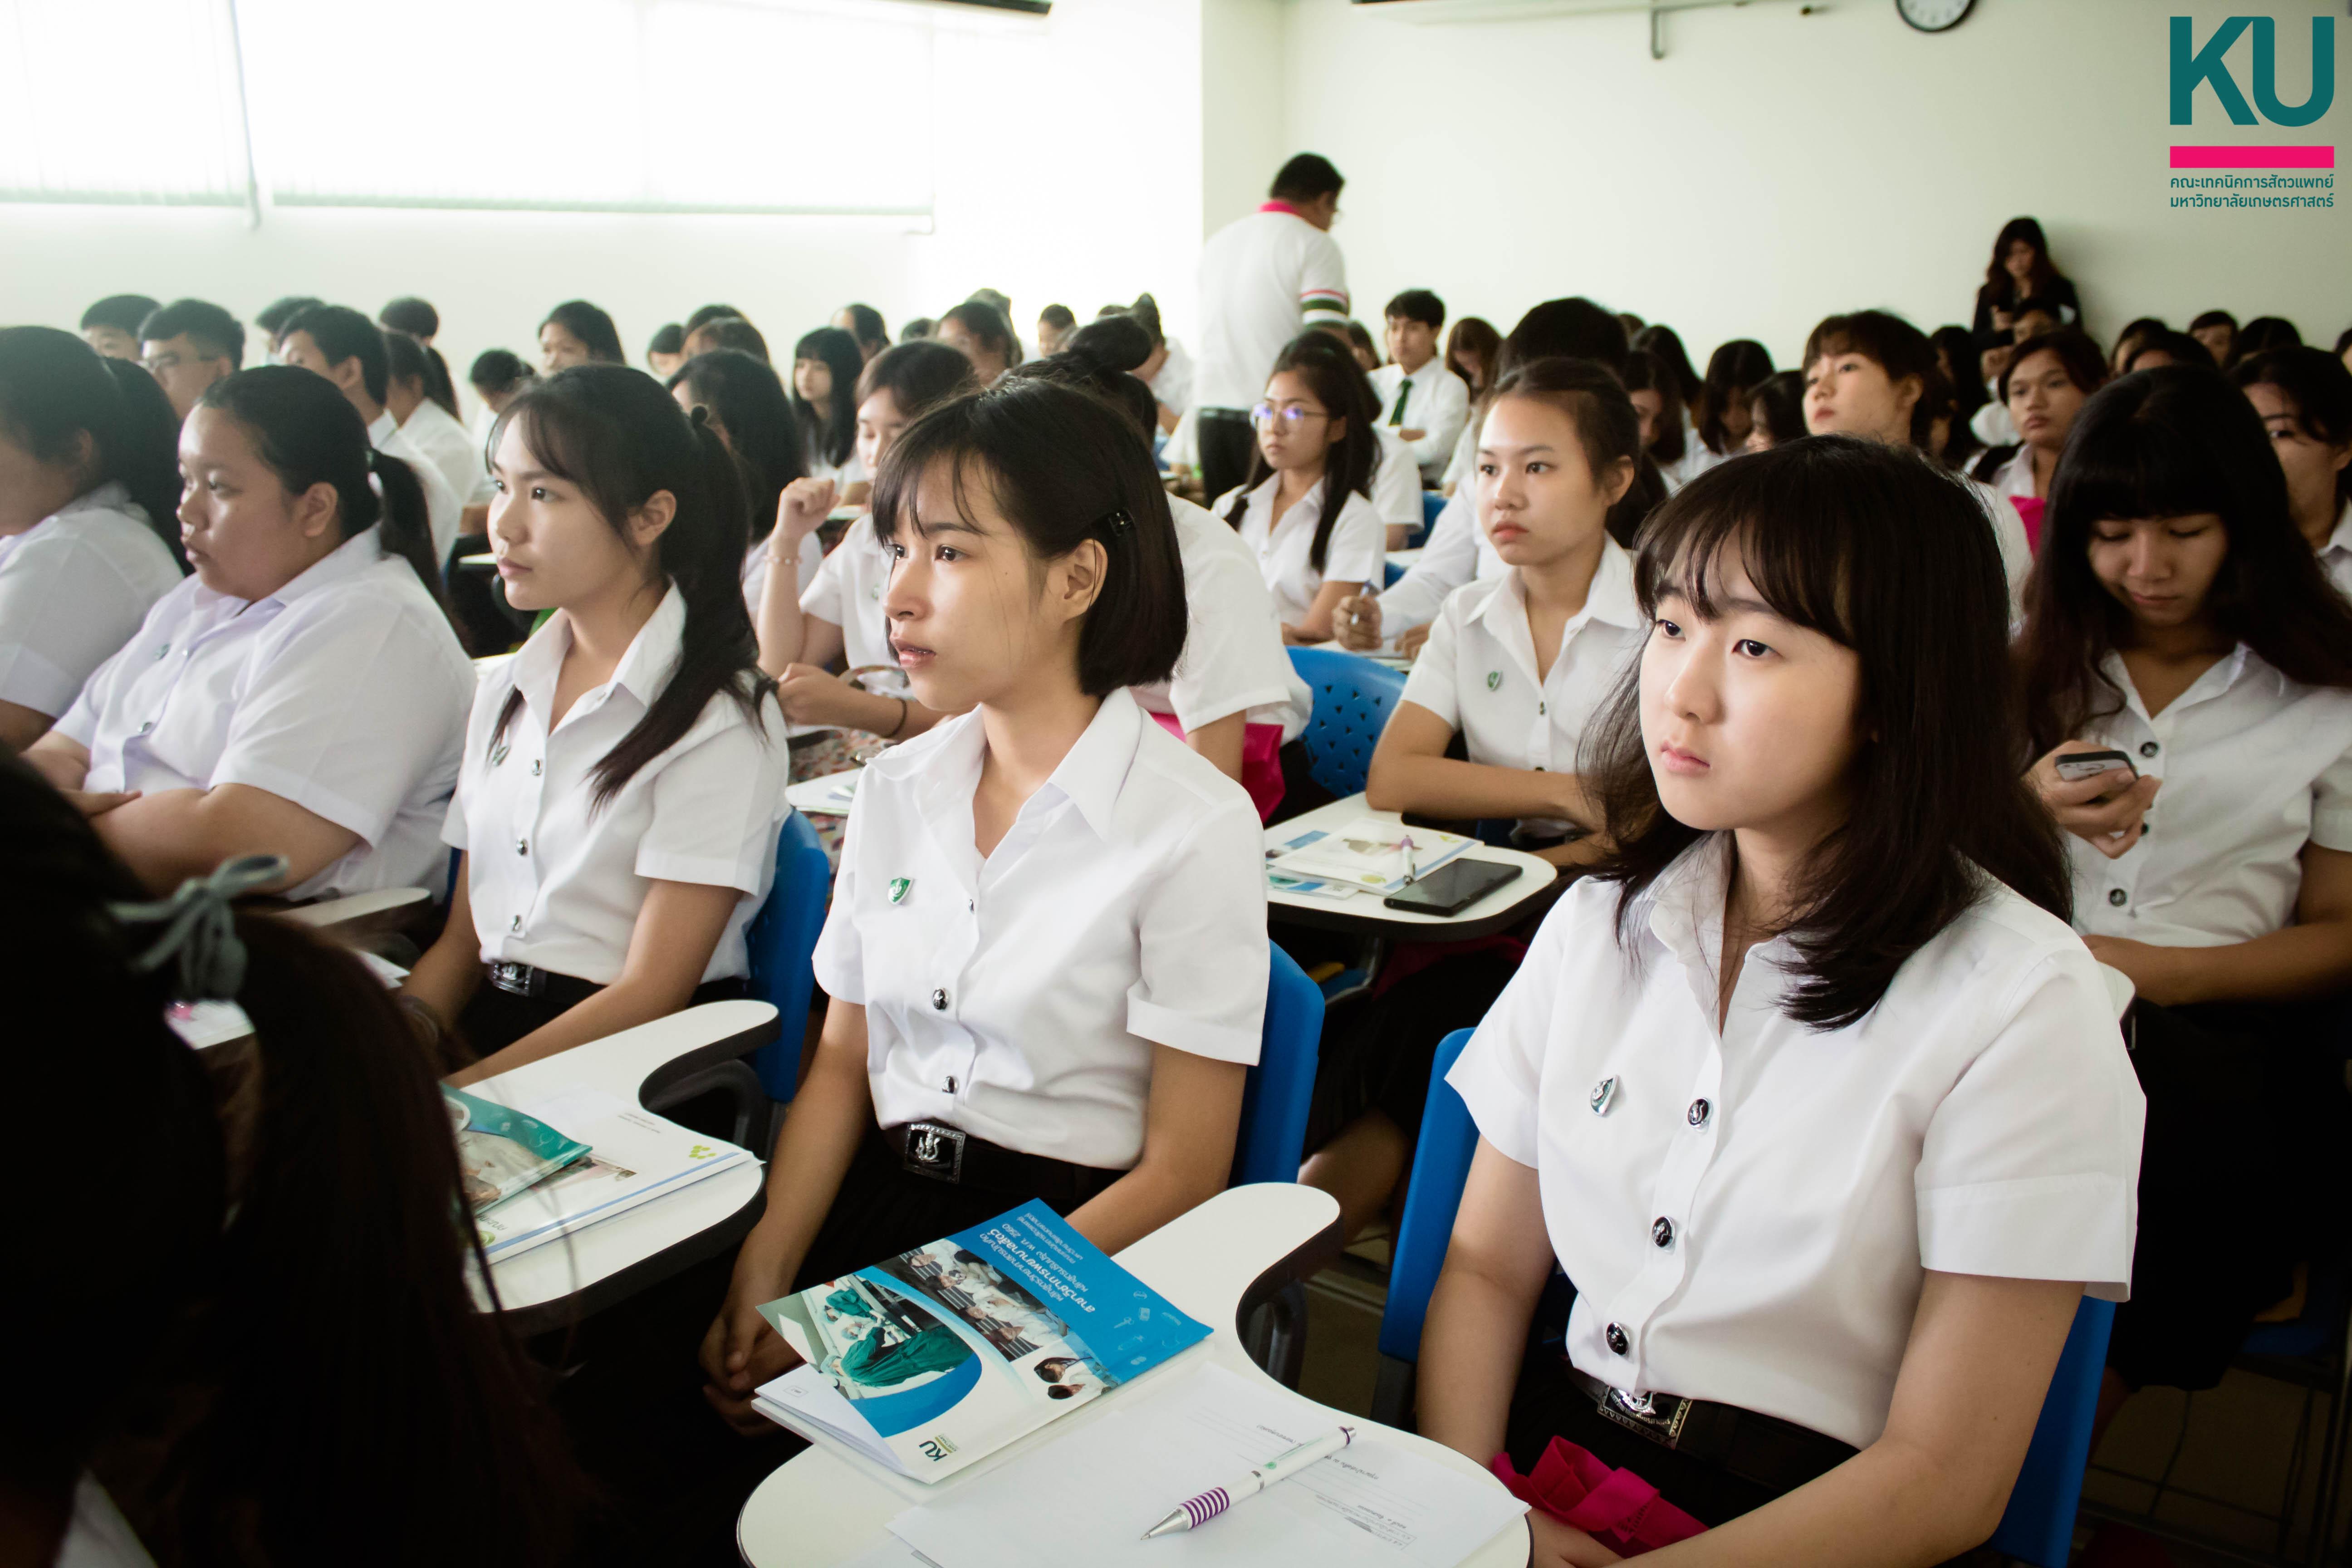 โครงการปฐมนิเทศนิสิตใหม่และพบผู้ปกครอง ปีการศึกษา 2561